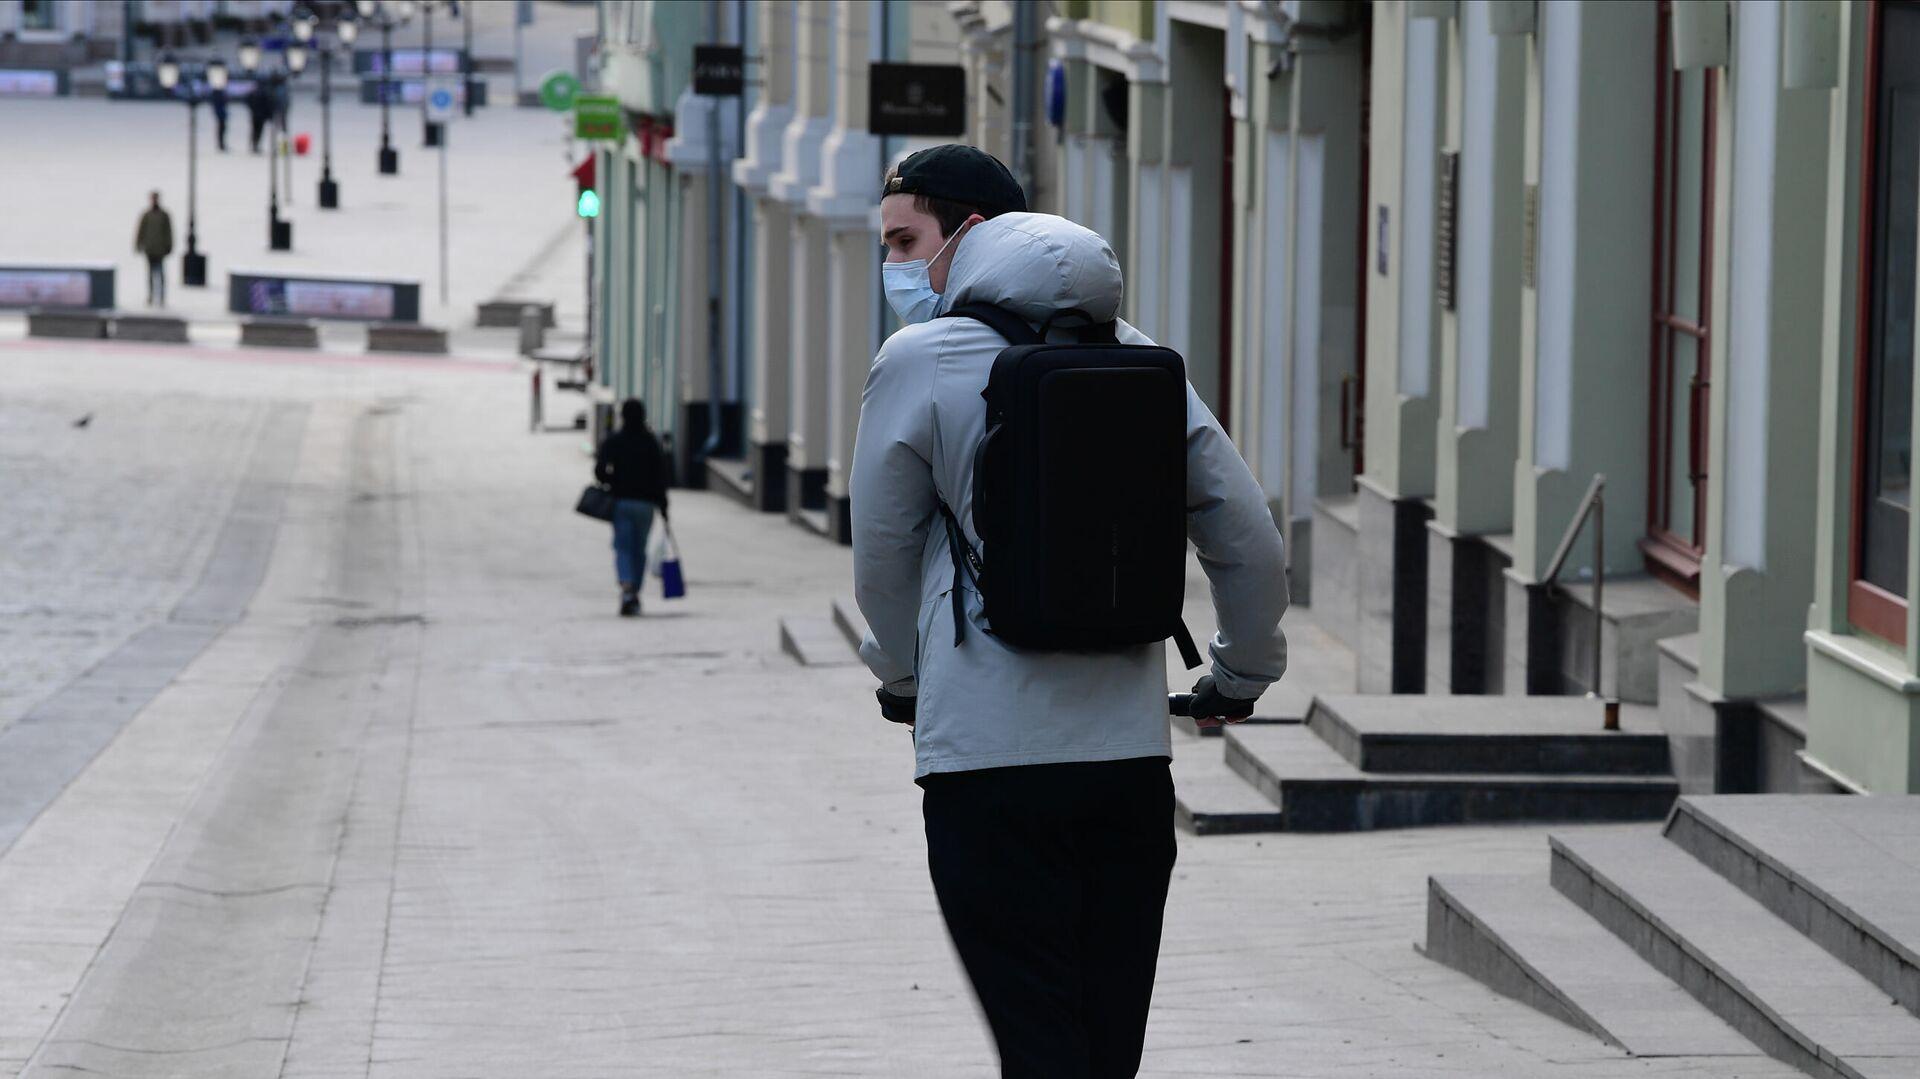 Молодой человек в защитной маске на самокате на улице Кузнецкий мост в Москве  - РИА Новости, 1920, 23.04.2020